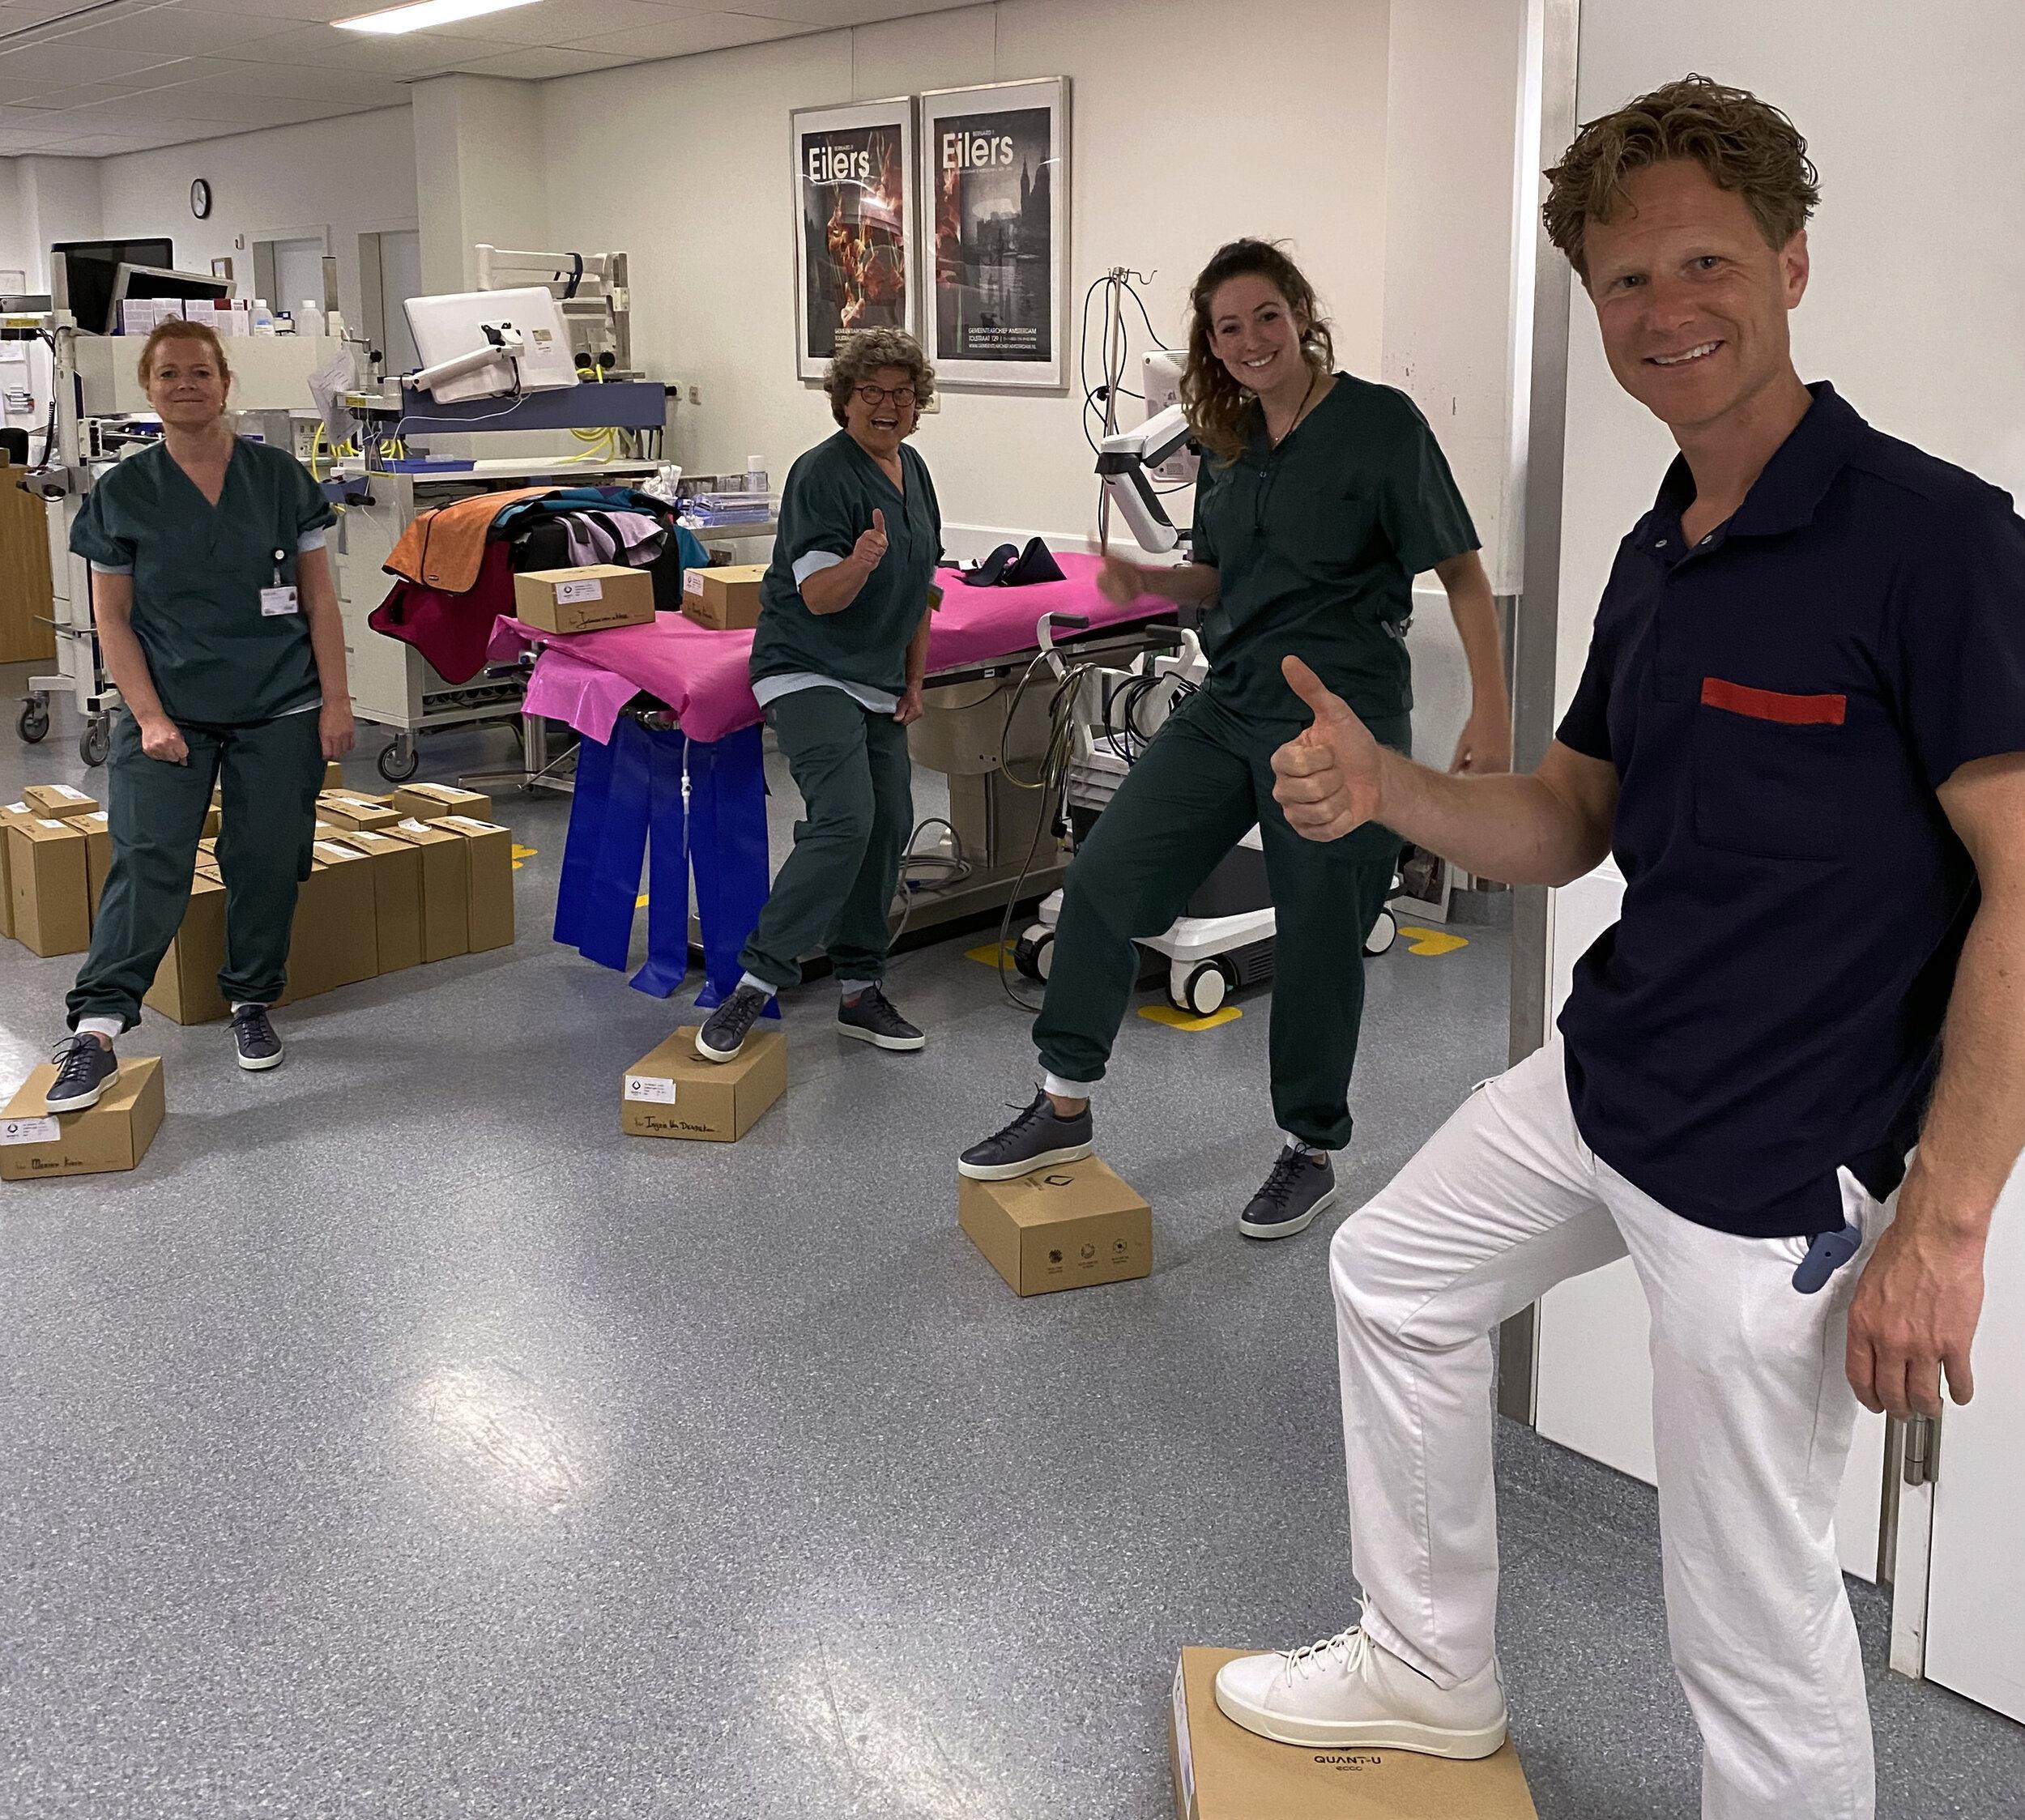 Krankenhausmitarbeiter mit ihren Schuhen von Quant-U